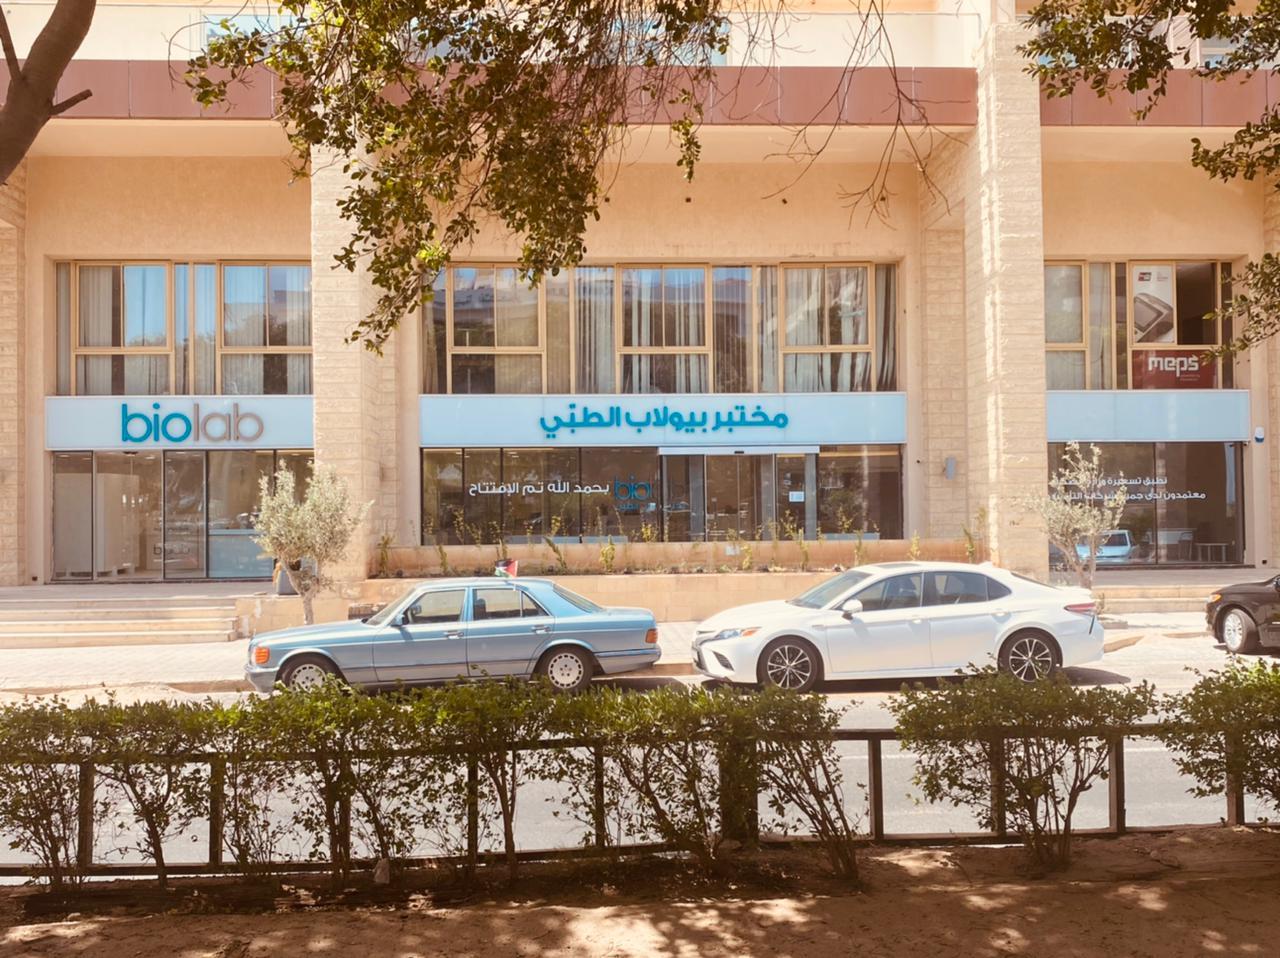 """مختبر """"بيولاب"""" الطبي يفتتح أبواب فرعه العشرين في مدينة العقبة"""